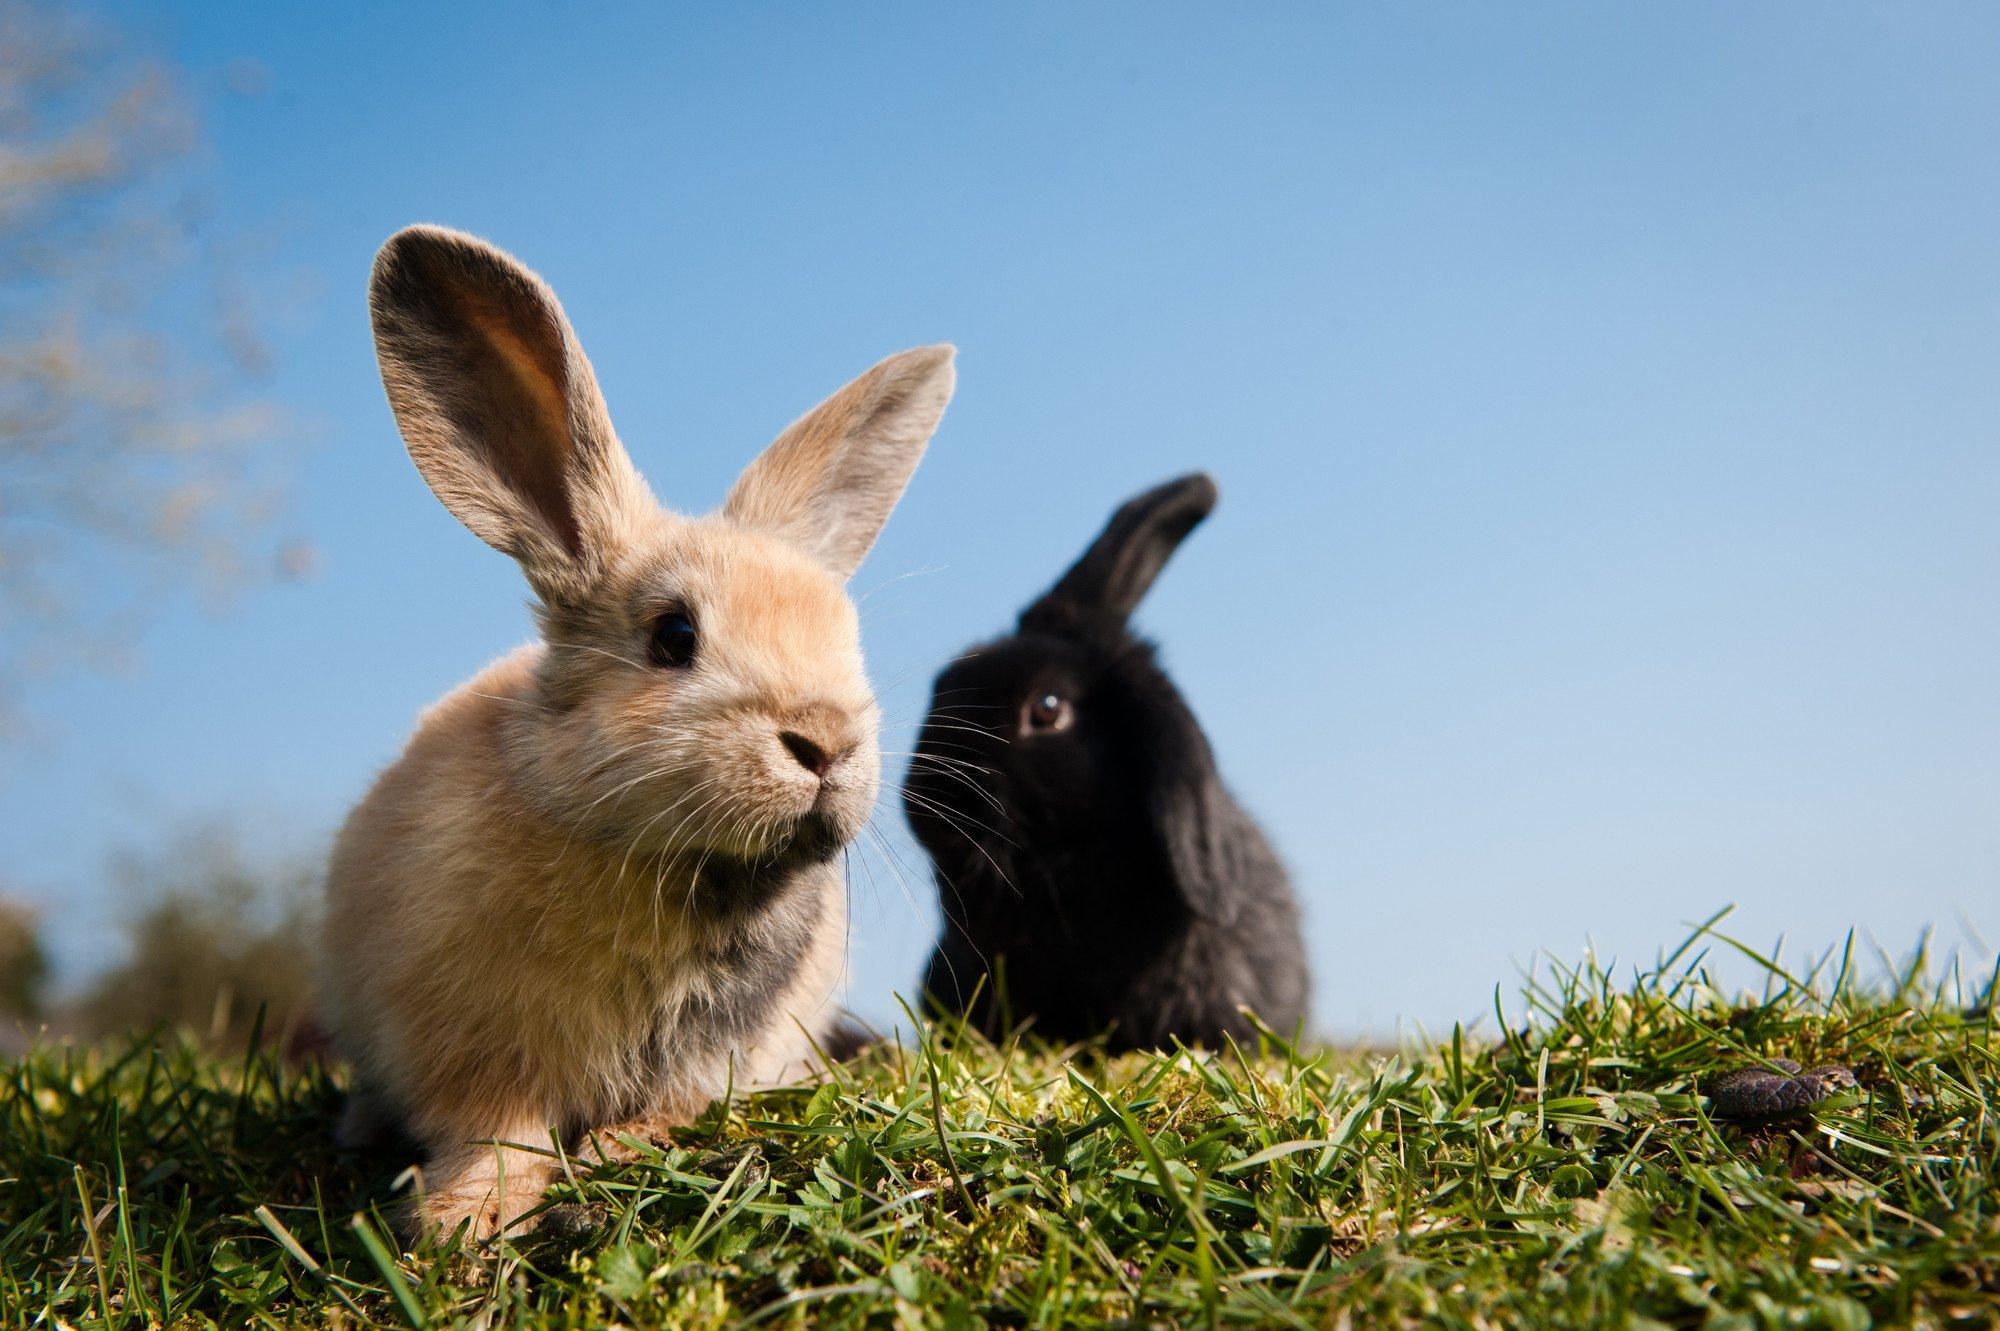 Rabbit Repellents: 5 Natural Options